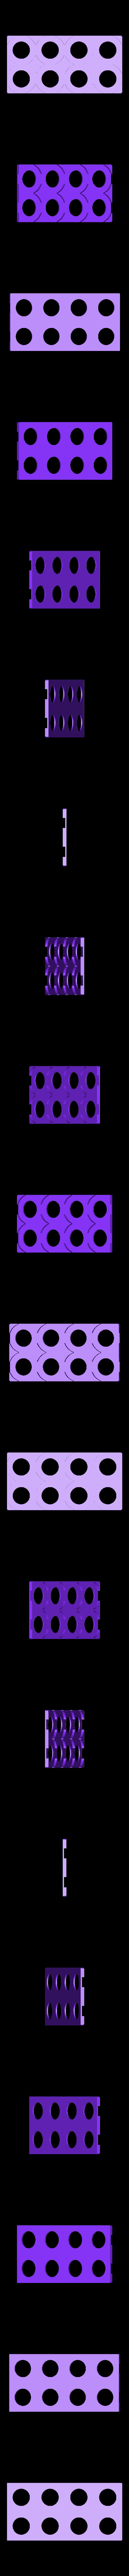 oathmark tray 8 Man.stl Télécharger fichier STL gratuit Plateaux de mouvement Oathmark - Plateau de mouvement Wargaming • Modèle à imprimer en 3D, Wrecker